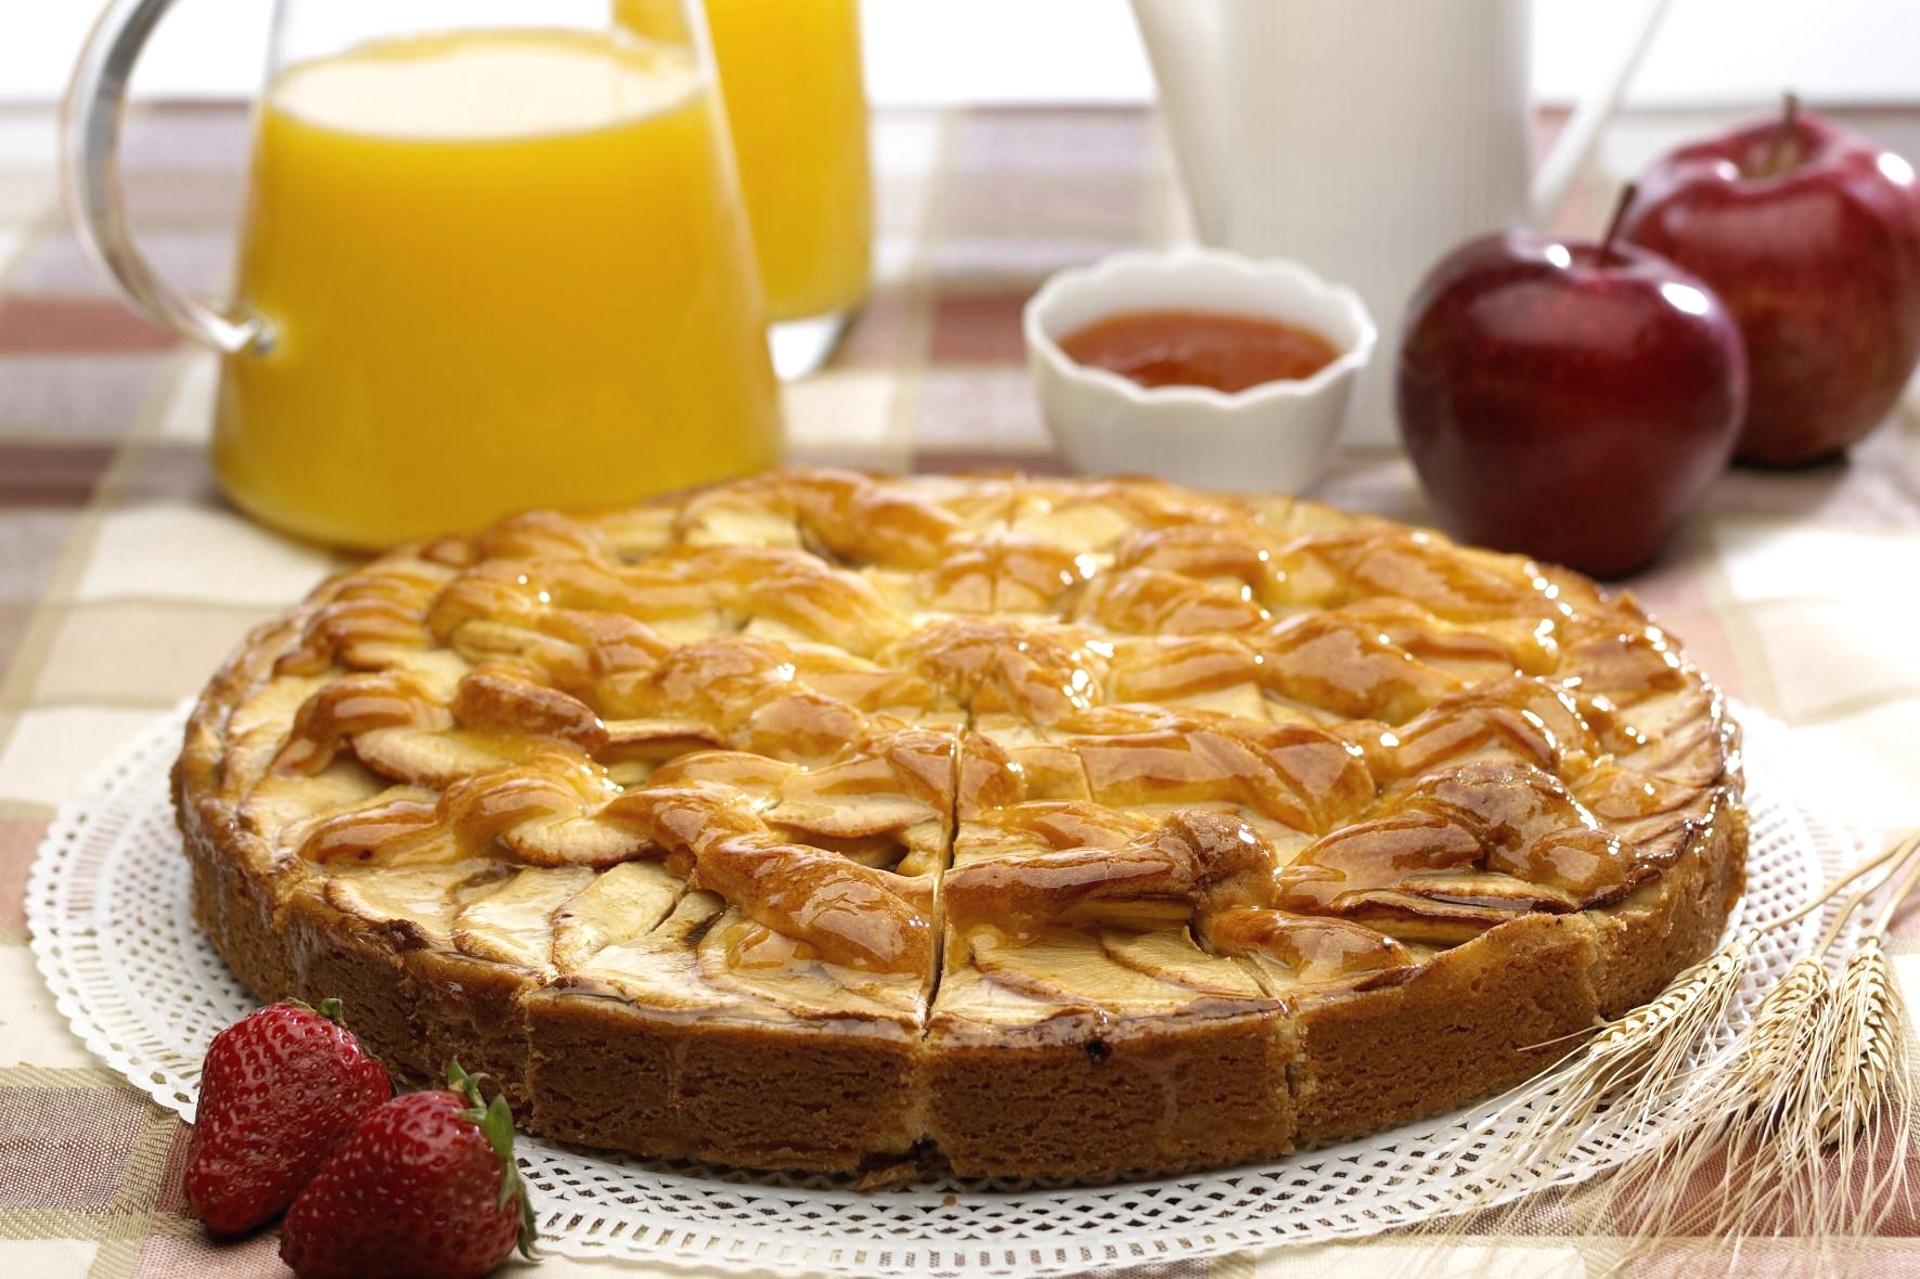 картинки яблочный пирог шарлотка гарантируем, что